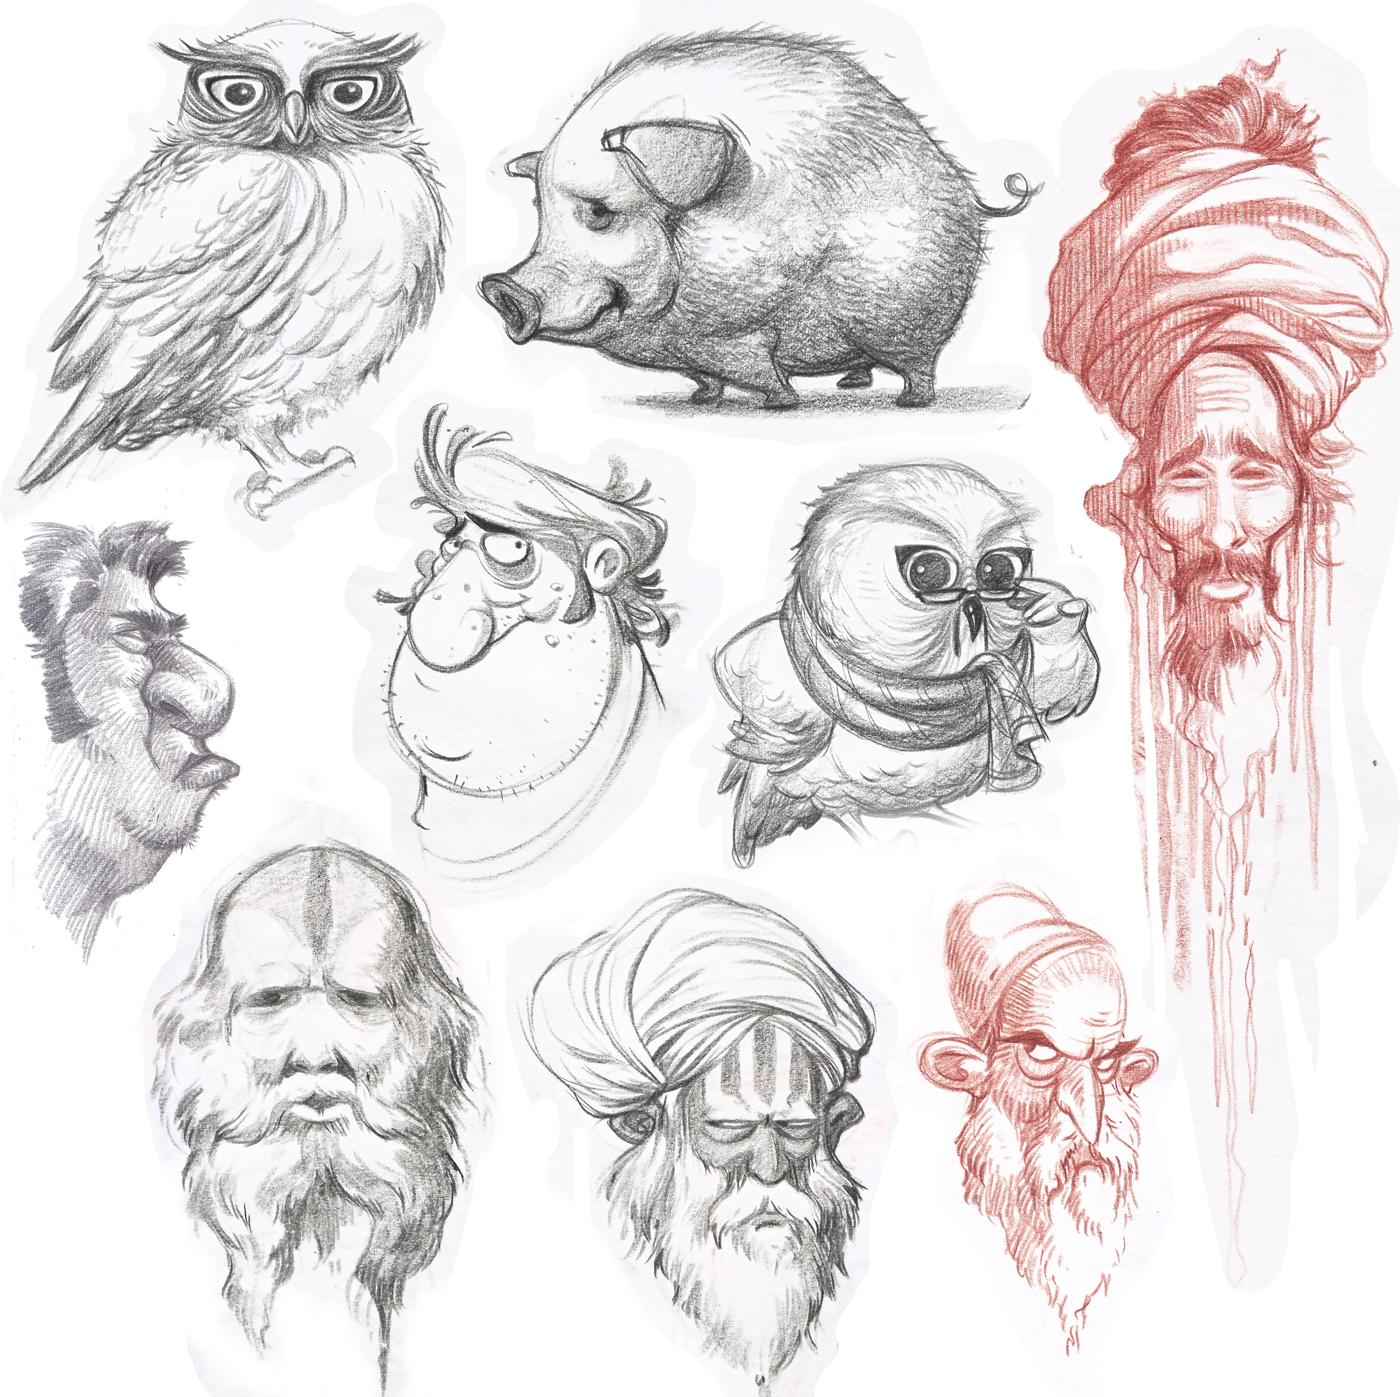 Character Design Sketchbook : Dattaraj kamat animation art from the sketchbook